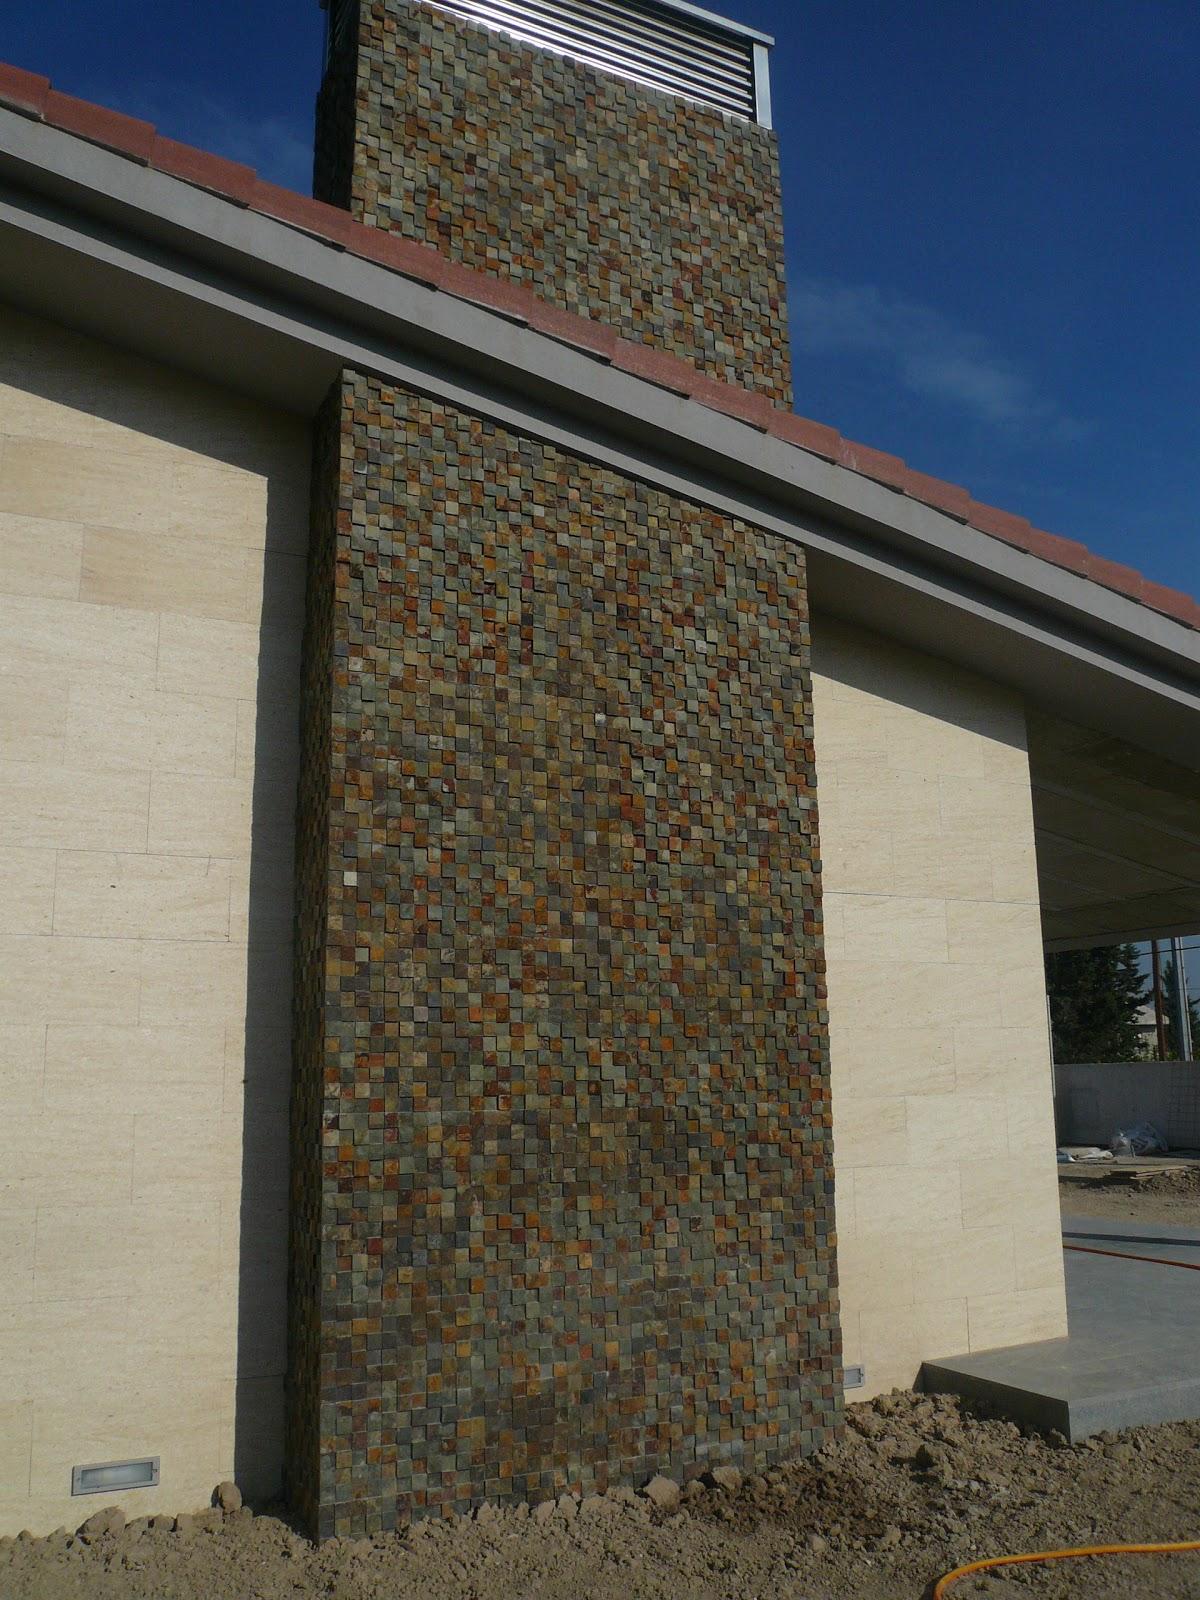 Rowlands piedra natural muros y pavimentos pizarra taco - Fachadas de pizarra ...